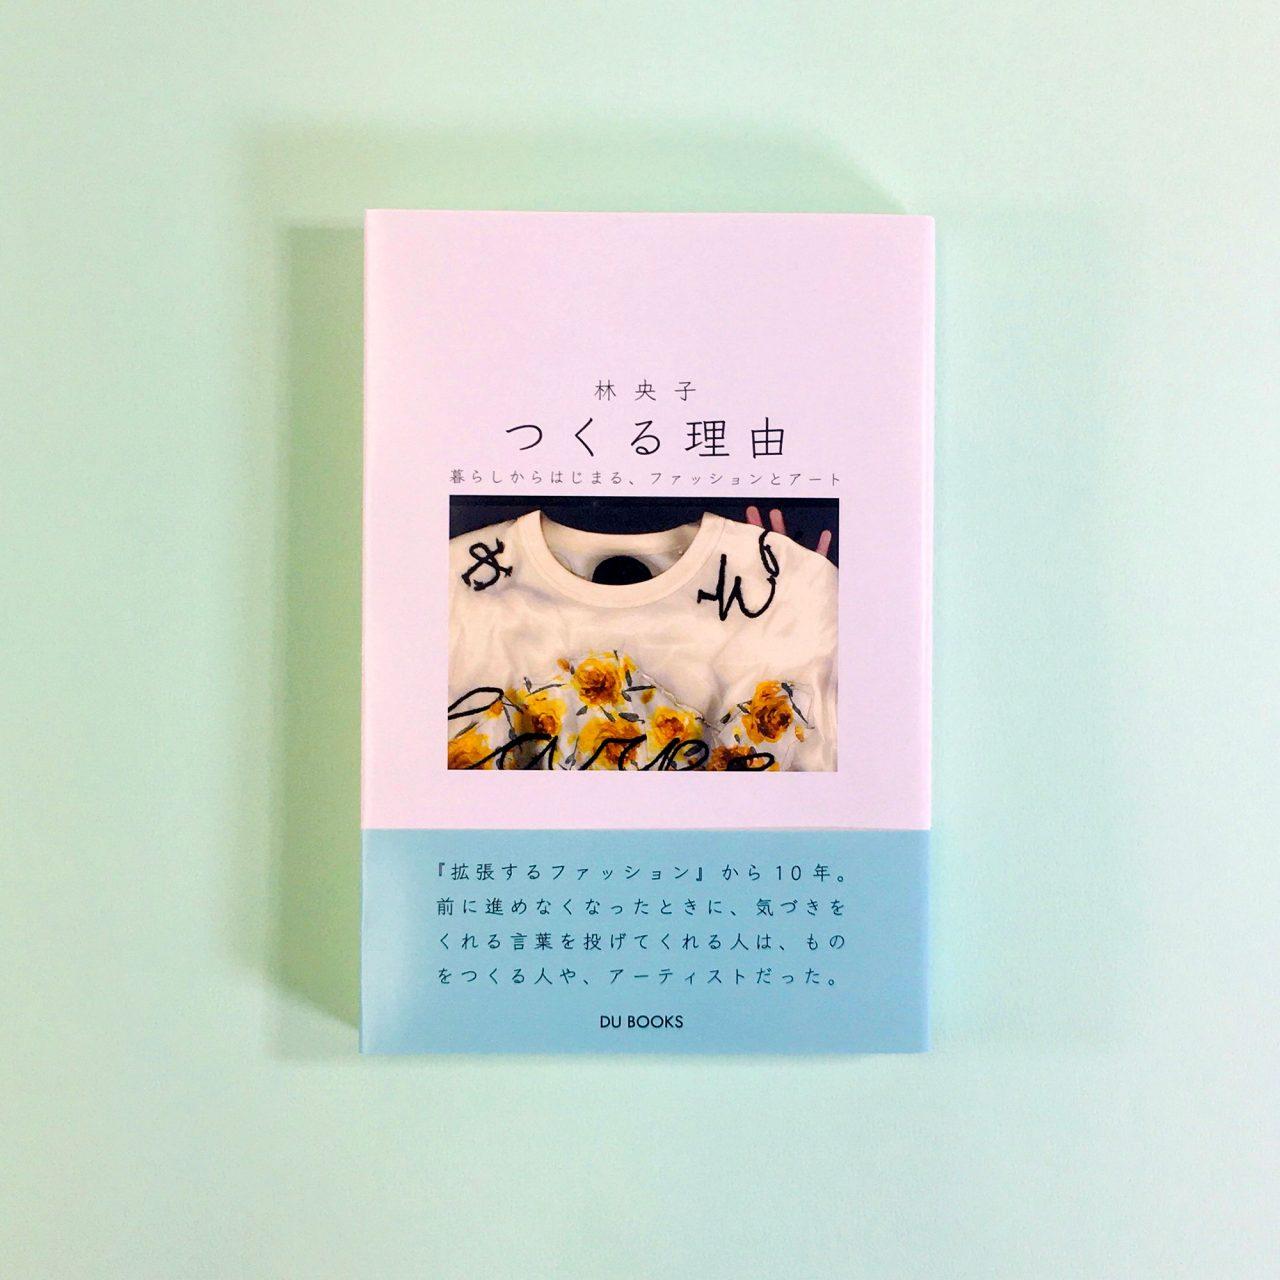 『つくる理由 暮らしからはじまる、ファッションとアート』(DU BOOKS)